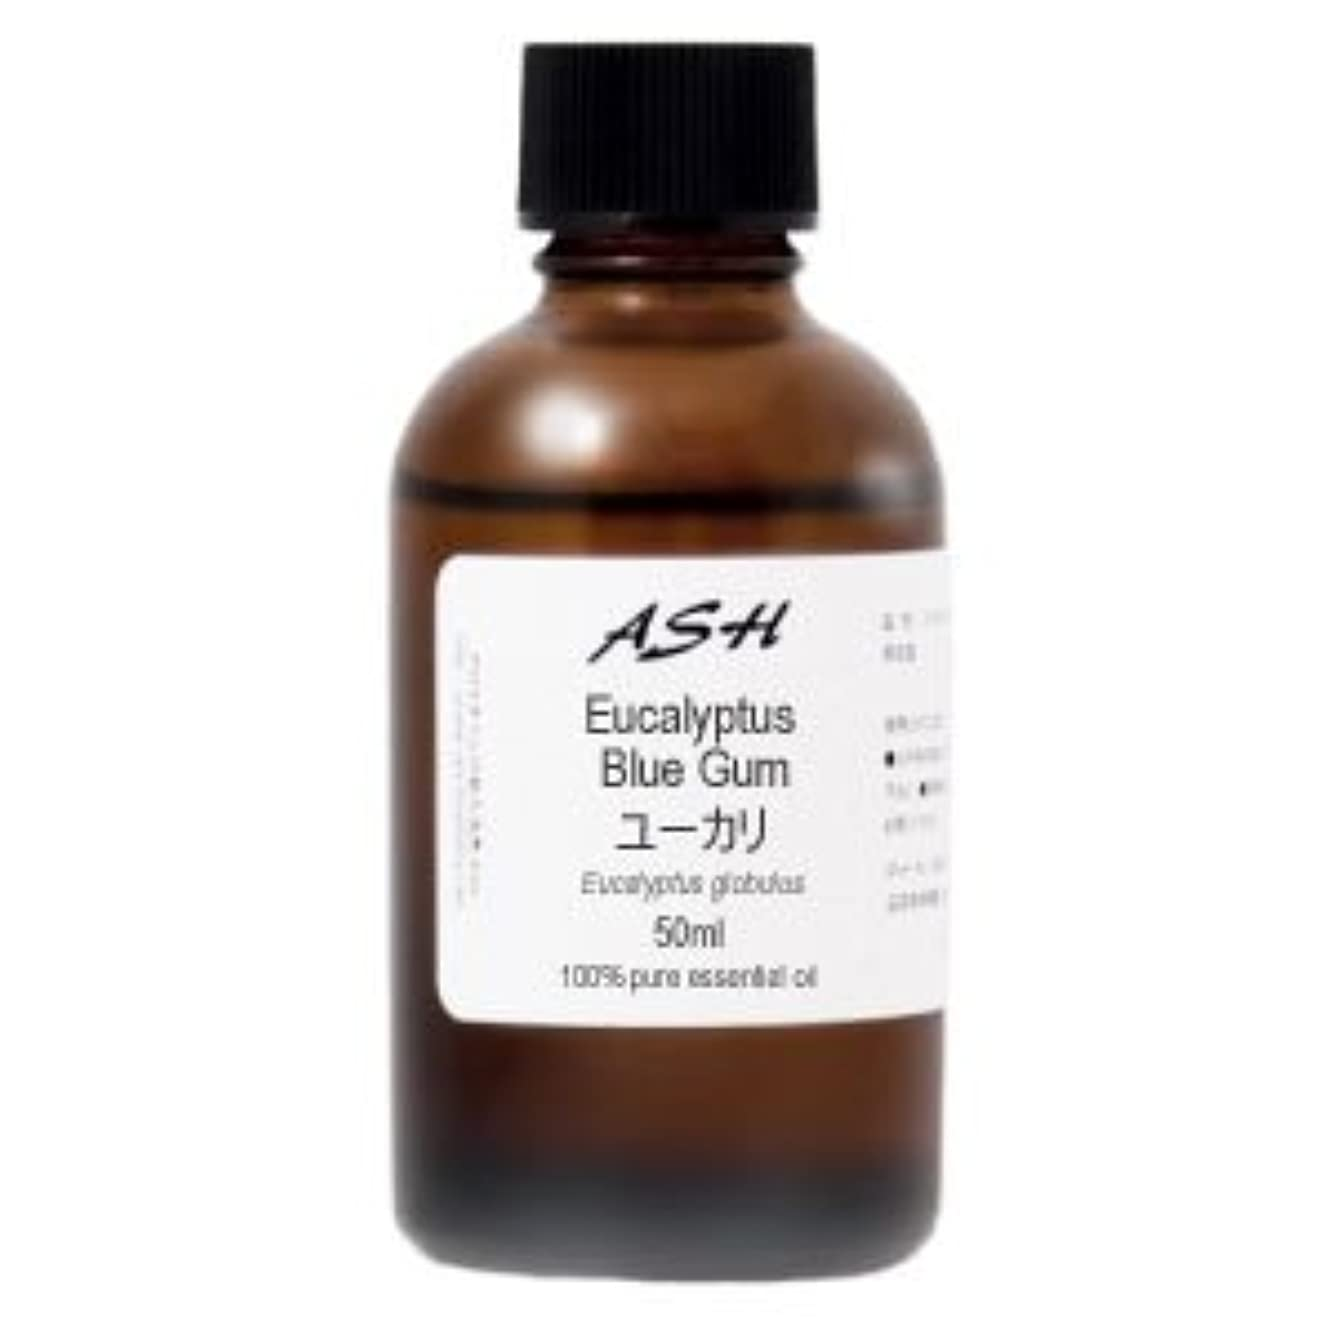 リファイン平野語ASH ユーカリ エッセンシャルオイル 50ml AEAJ表示基準適合認定精油